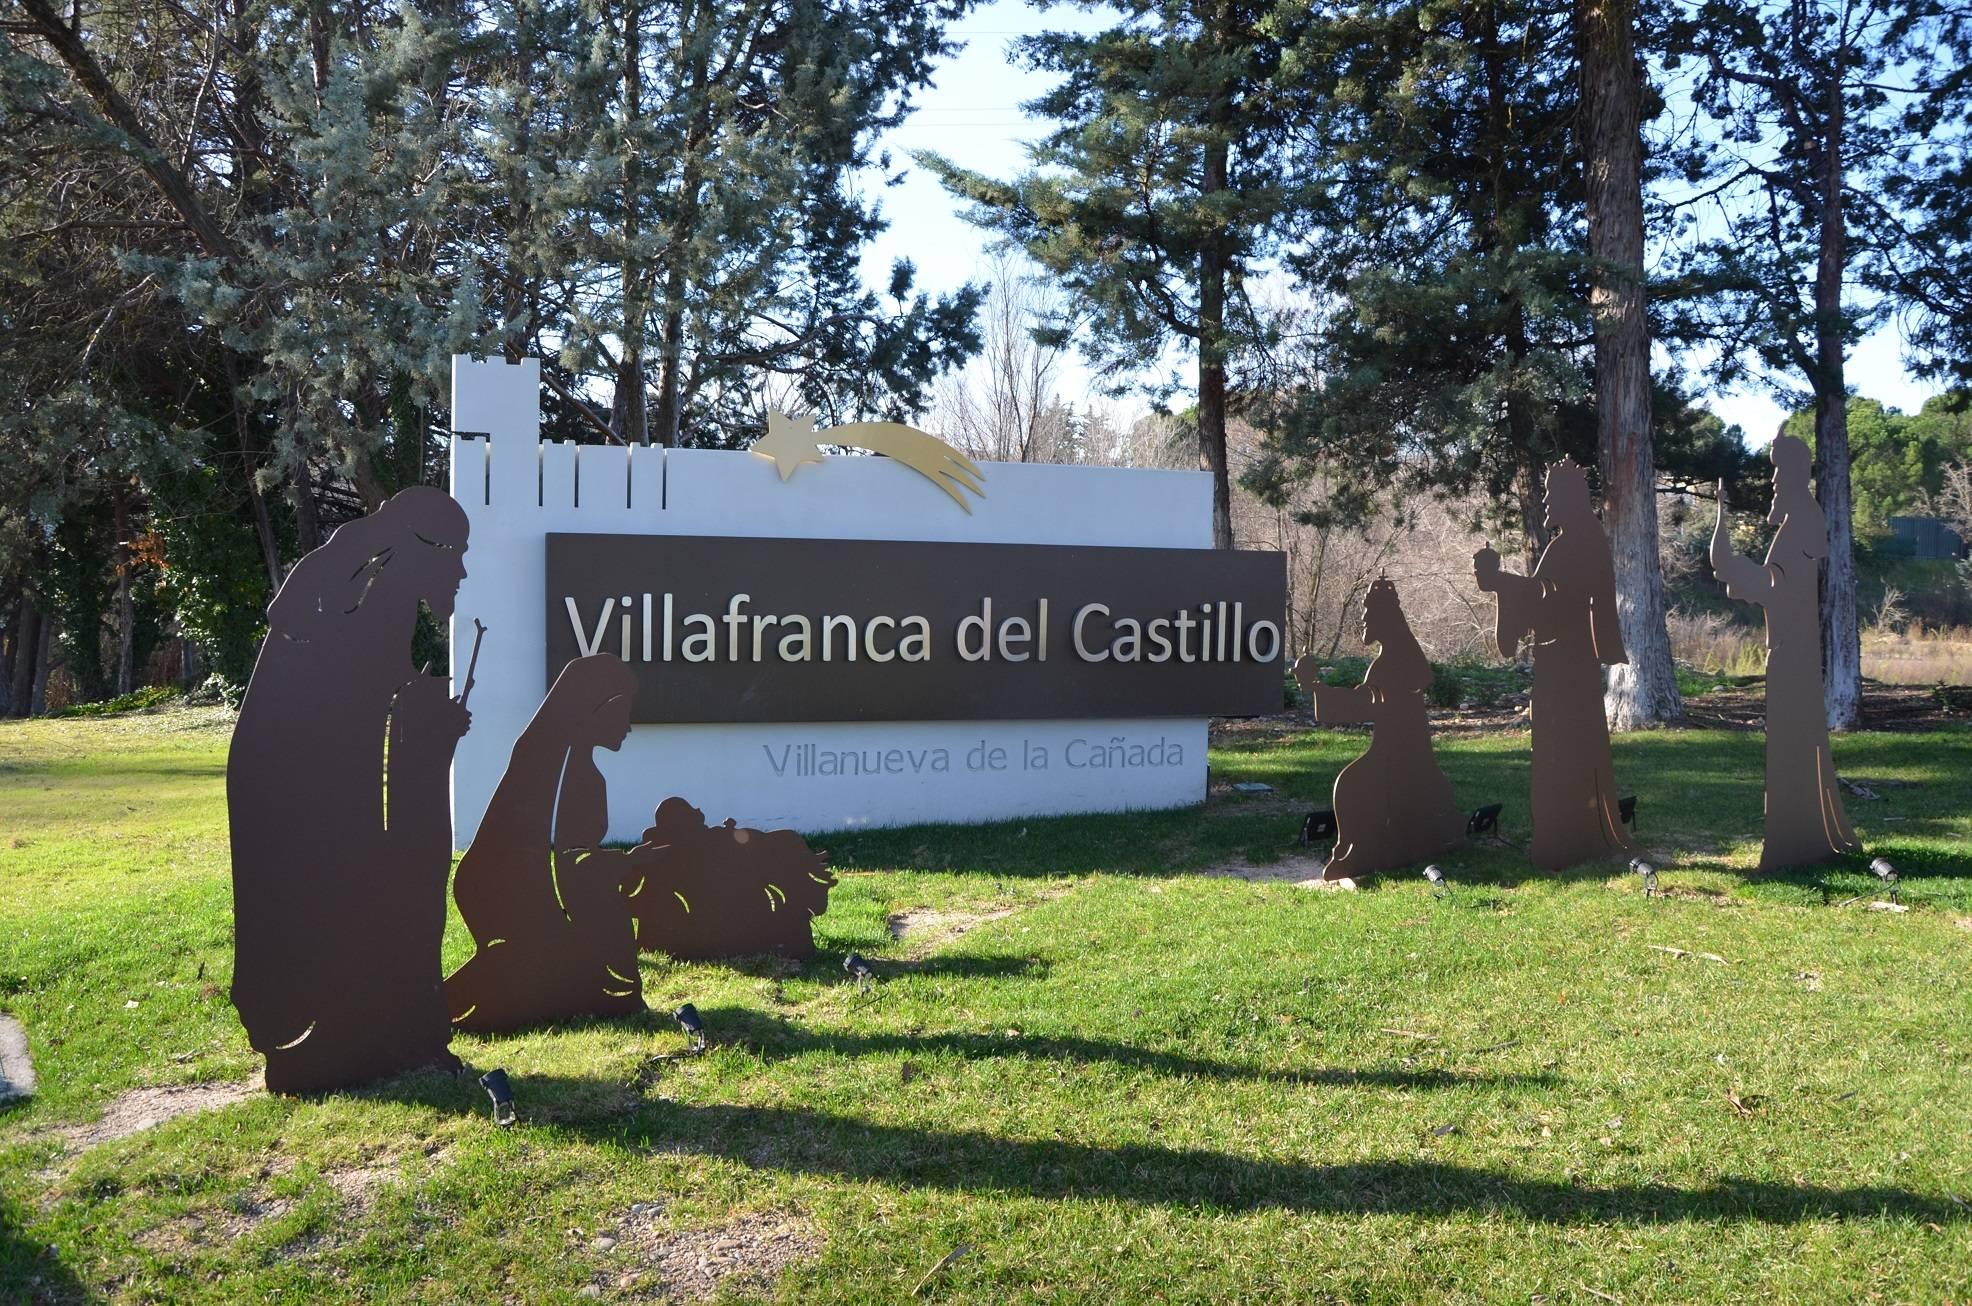 Entrada a la urbanización de Villafranca del Castillo donde se ubica el belén.